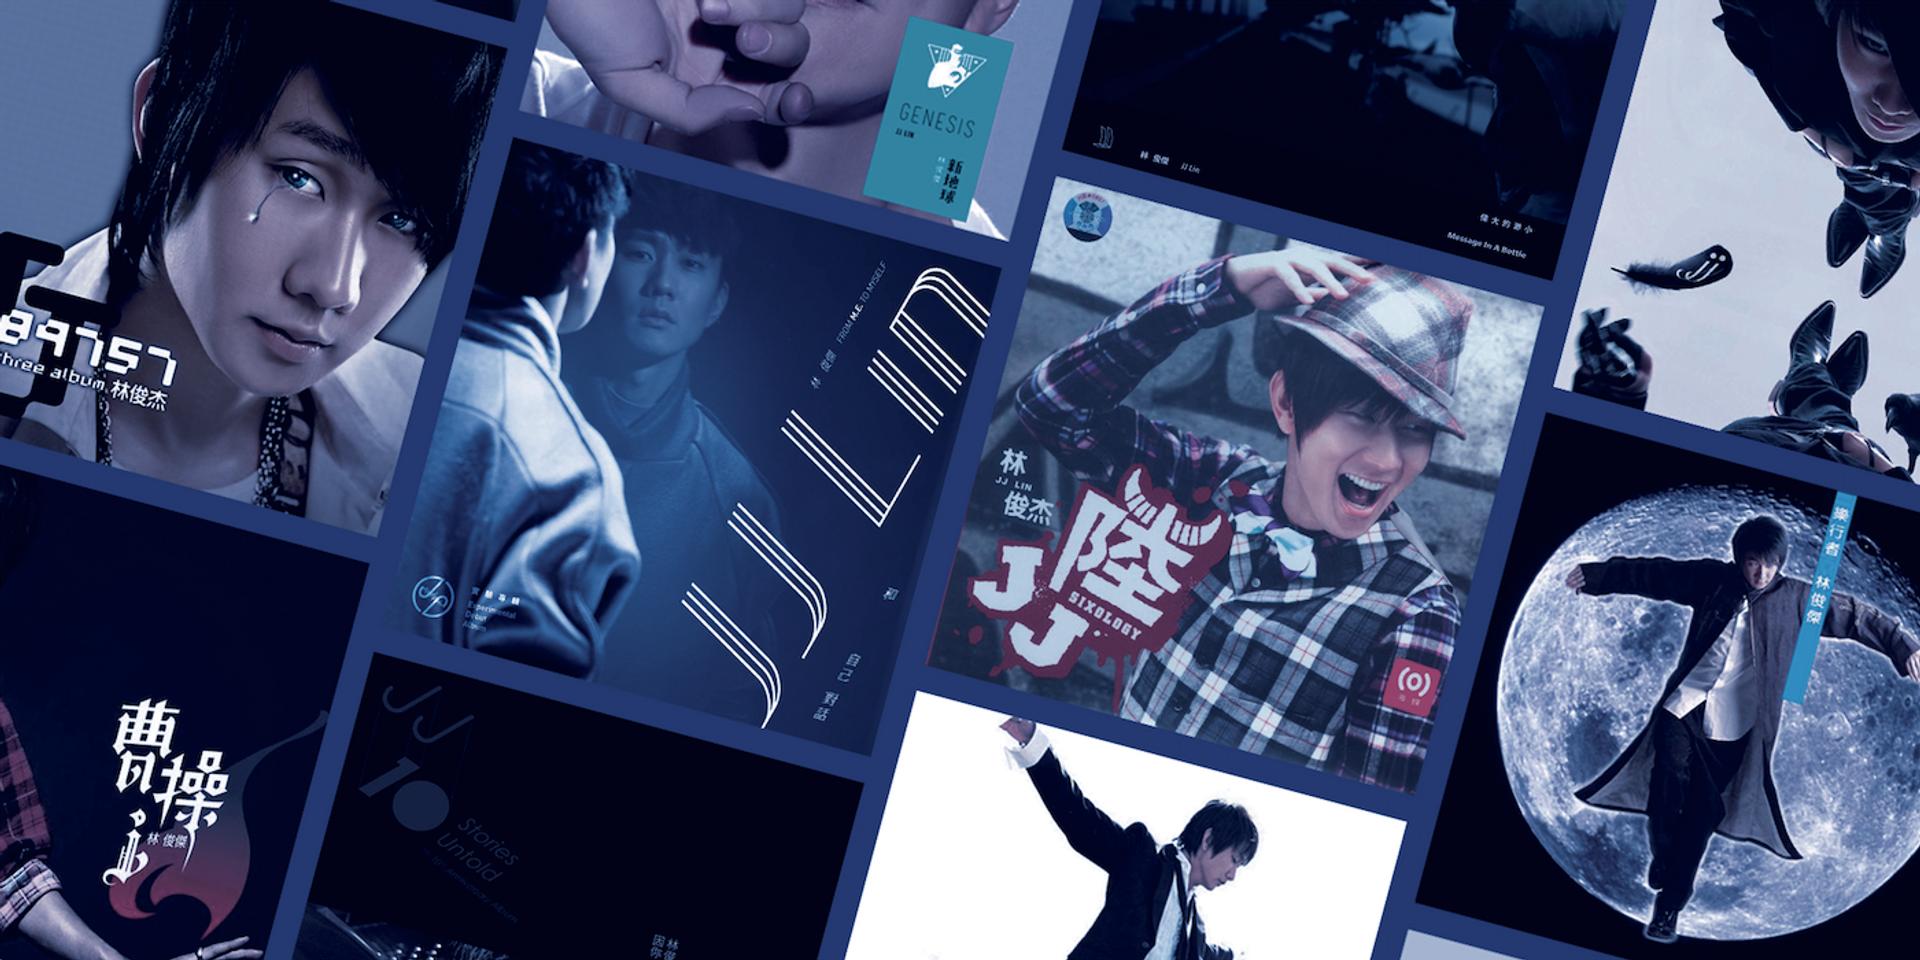 为JJ Lin林俊杰的十三张专辑进行排名  你心目中的排名又是如何?